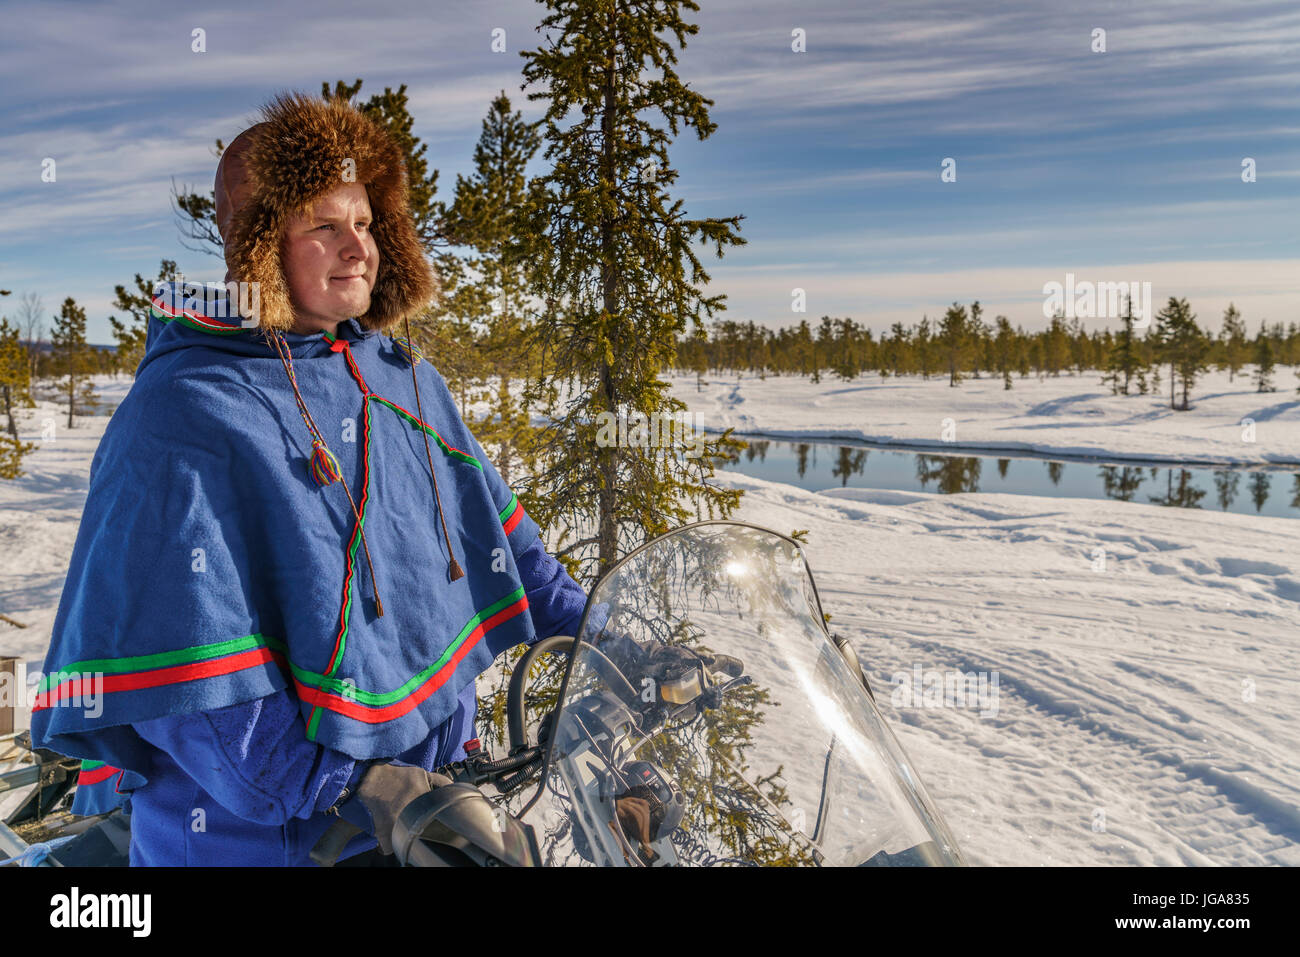 L uomo nel tradizionale abito Sami su una motoslitta, Lapponia, Svezia Immagini Stock